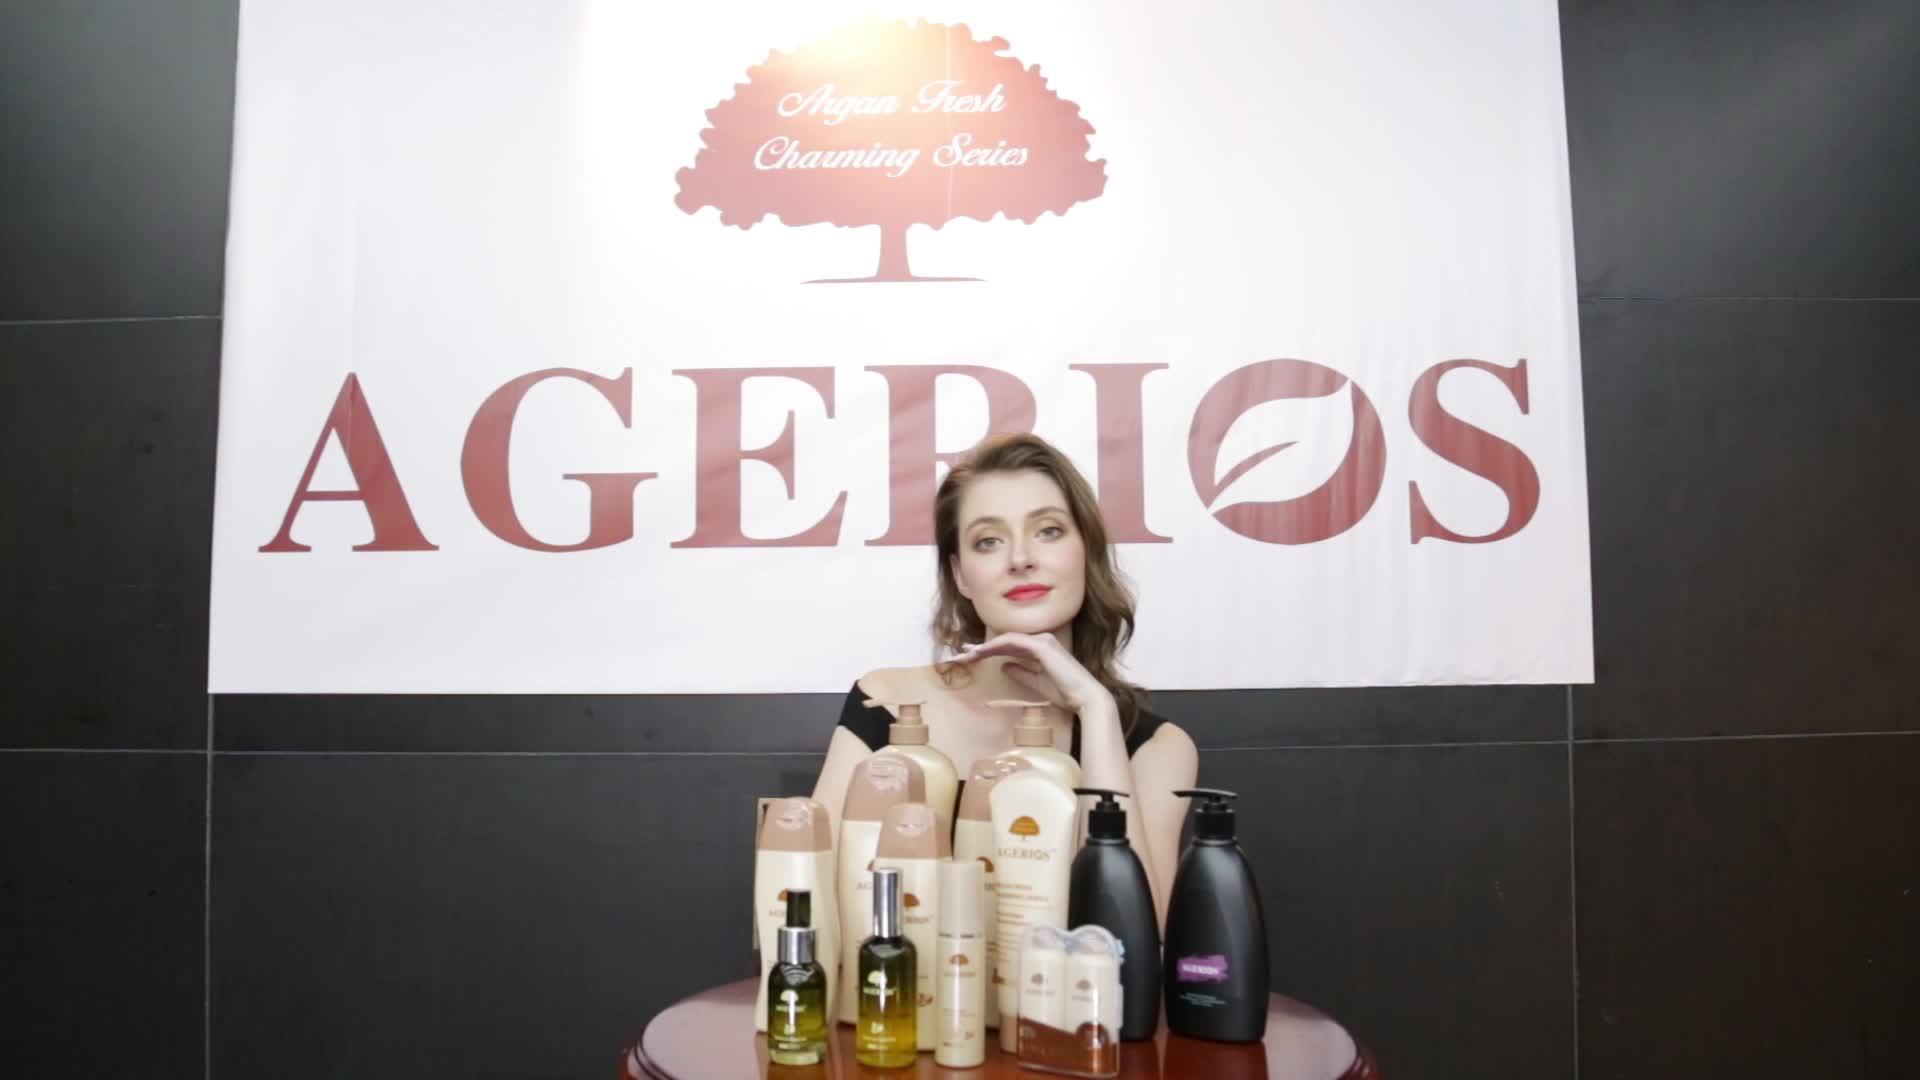 Commercio all'ingrosso di Marca Nome Agerios Cuoio Capelluto cura Dei Capelli materia prima olio di argan balsamo per capelli